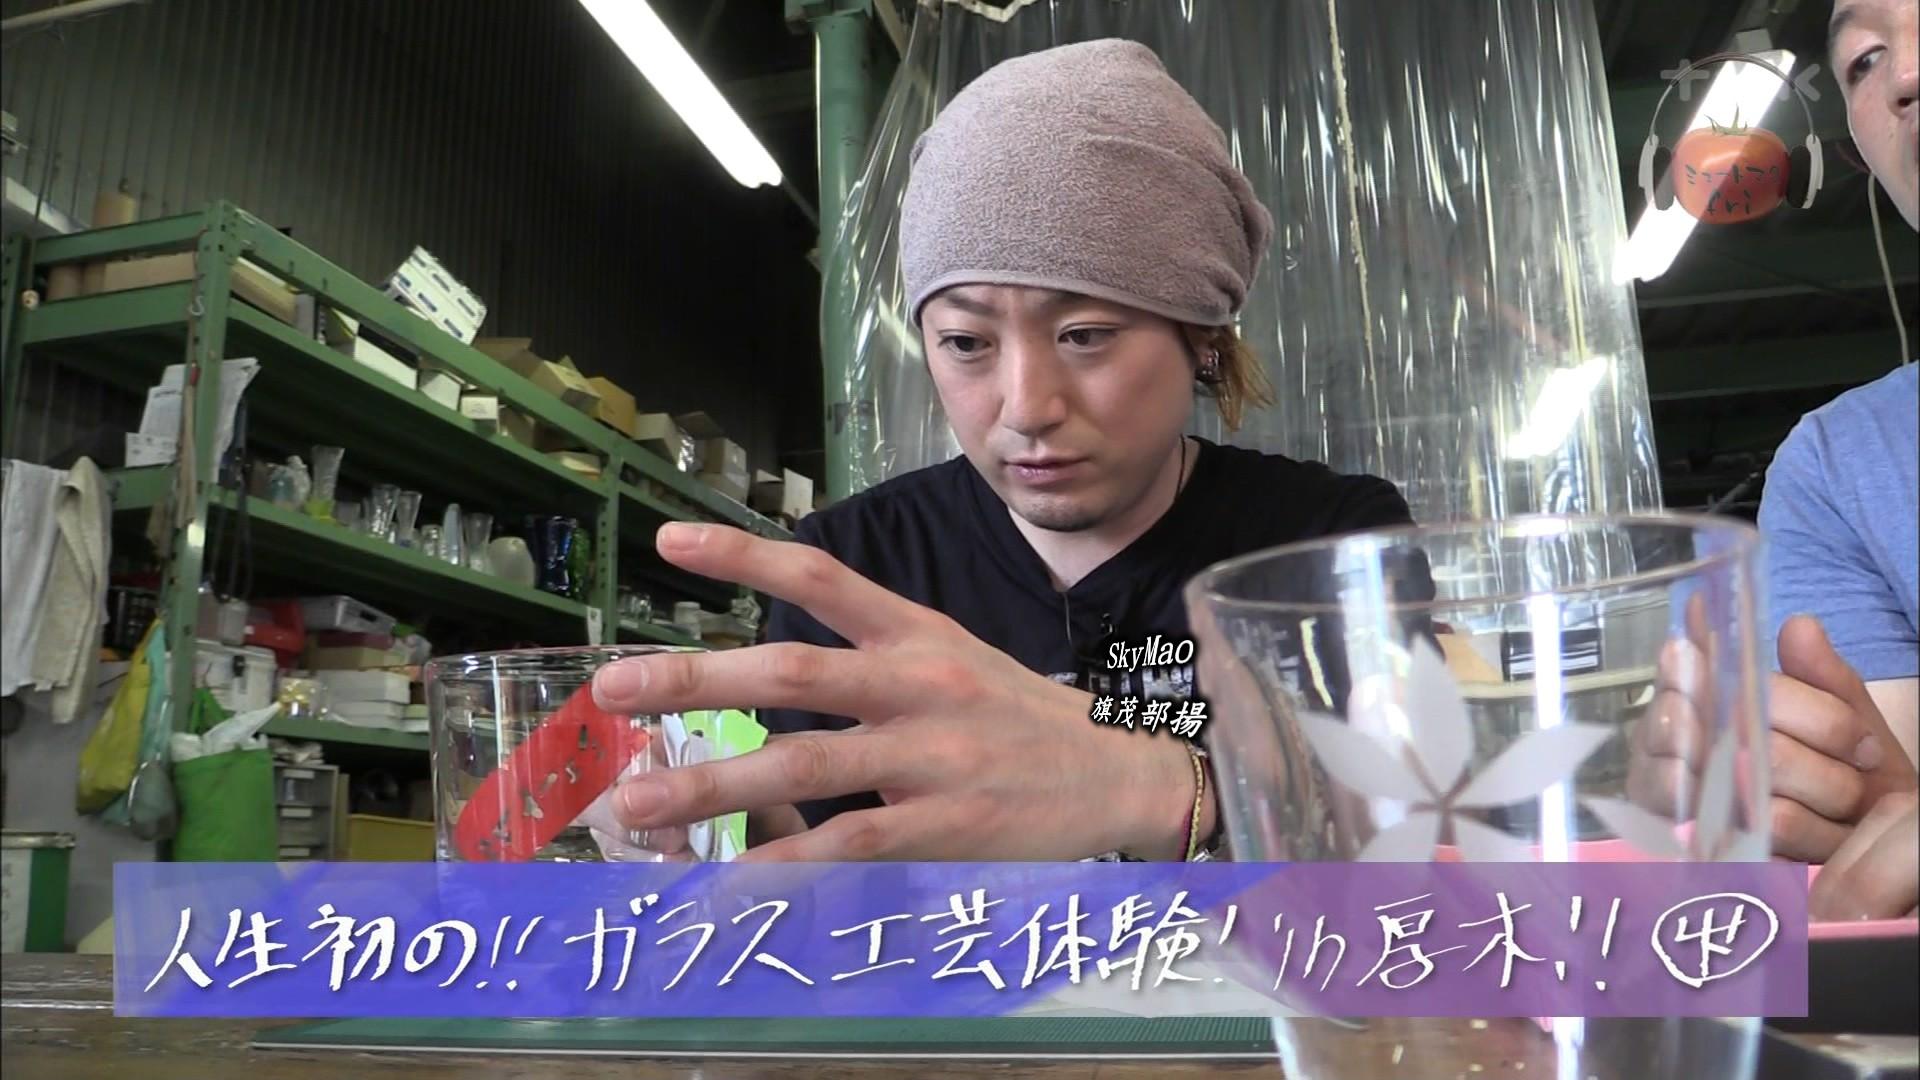 2017.09.29 全場(ミュートマ2).ts_20170930_004517.774